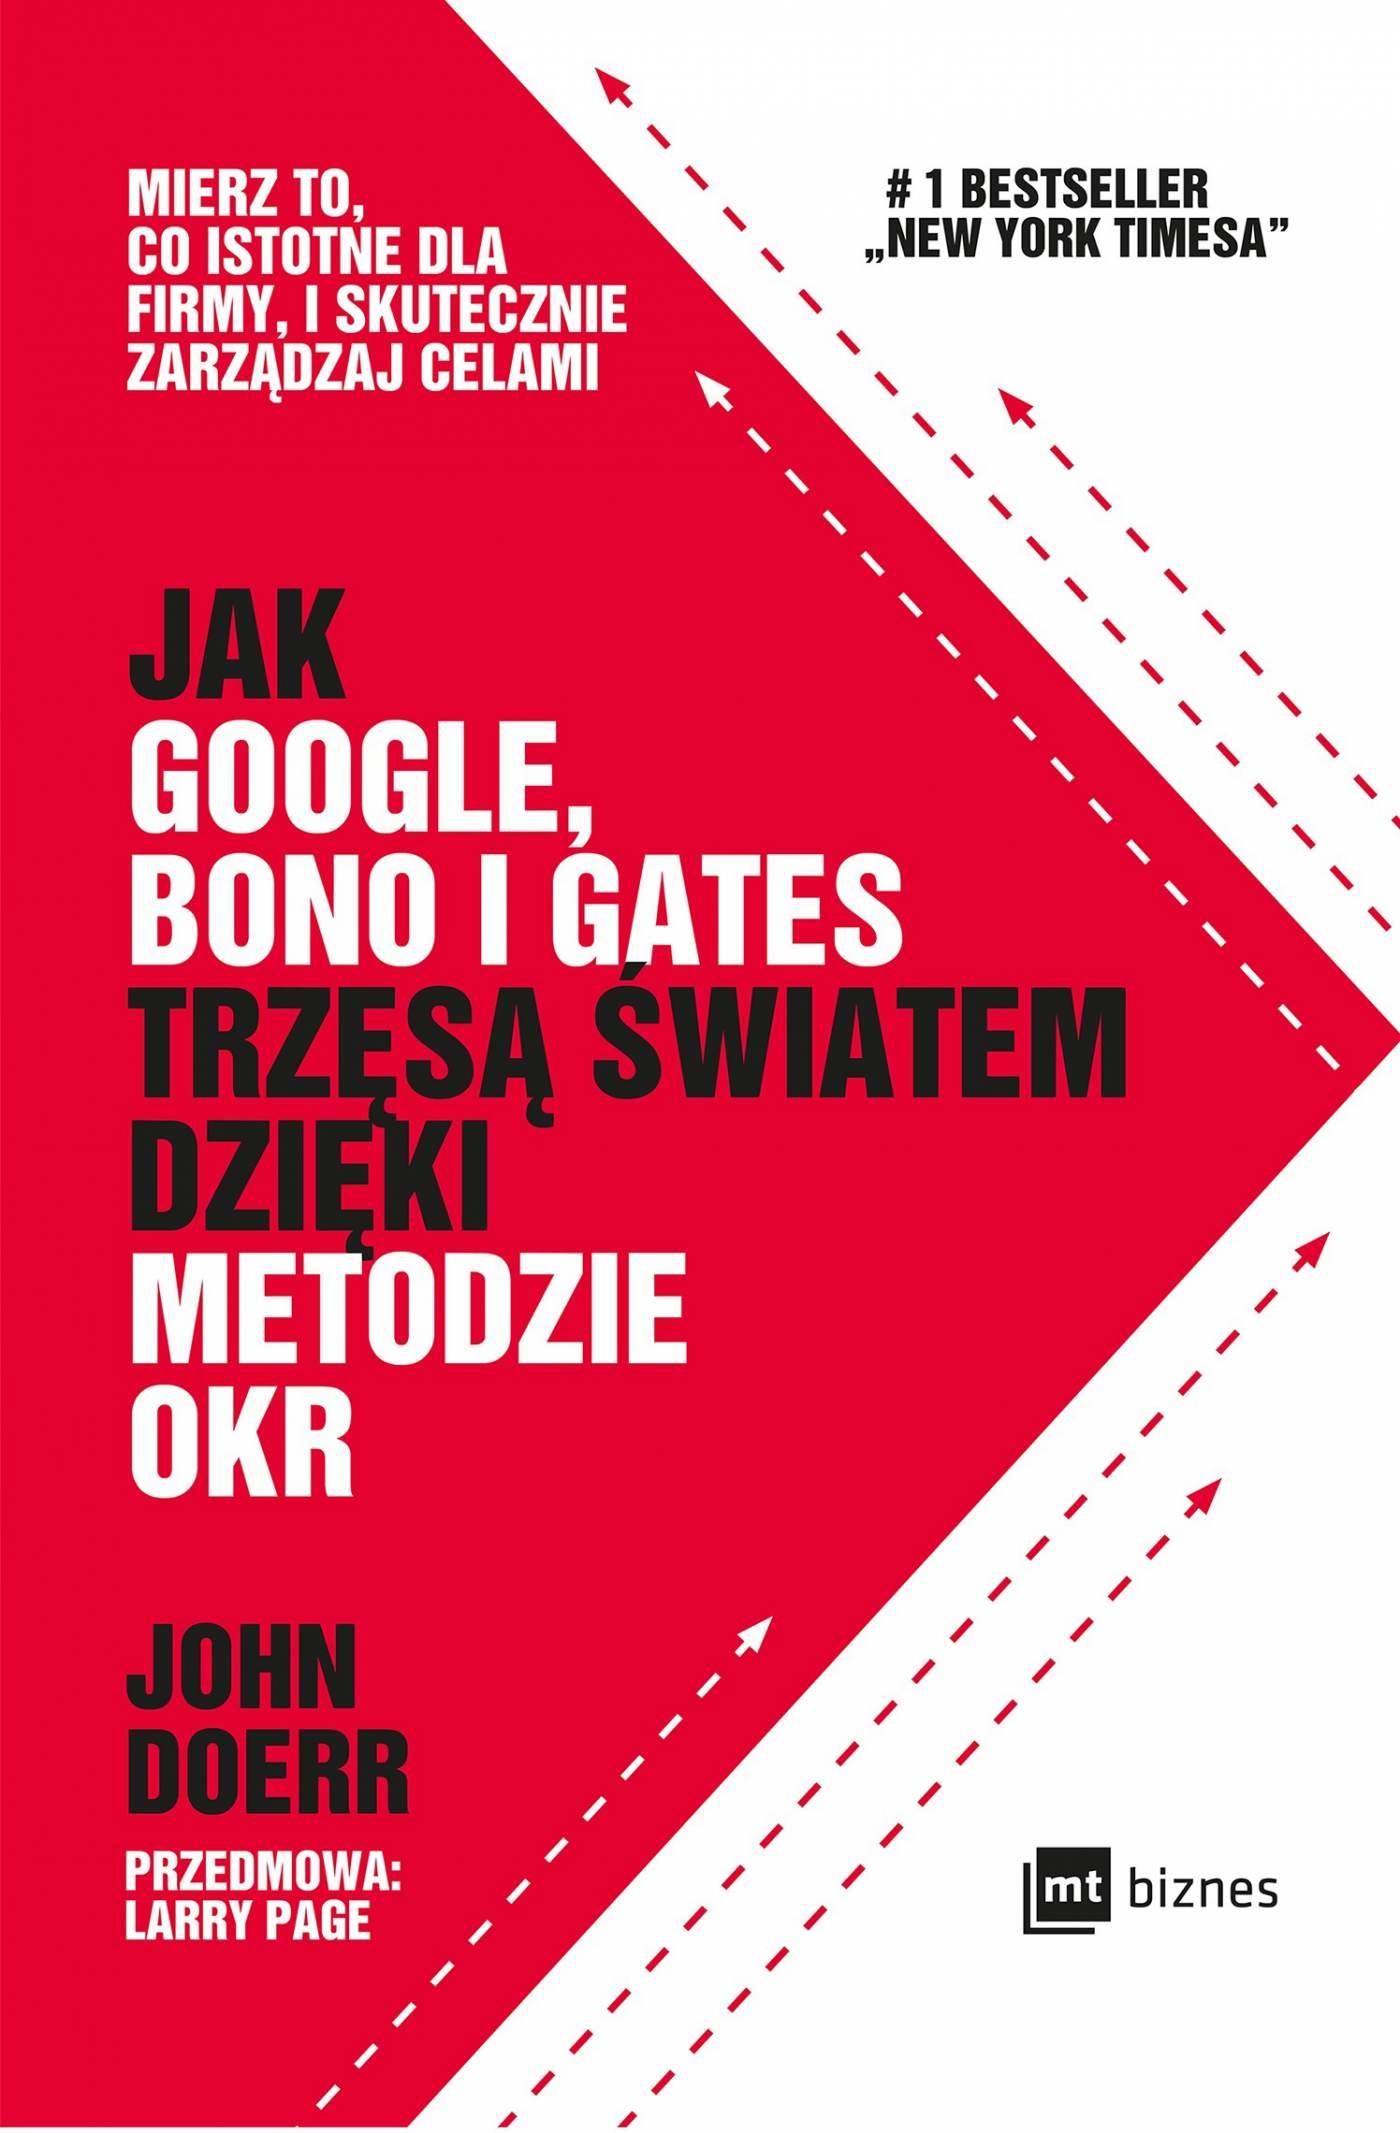 Jak Google, Bono i Gates trzęsą światem dzięki metodzie OKR - Ebook (Książka na Kindle) do pobrania w formacie MOBI